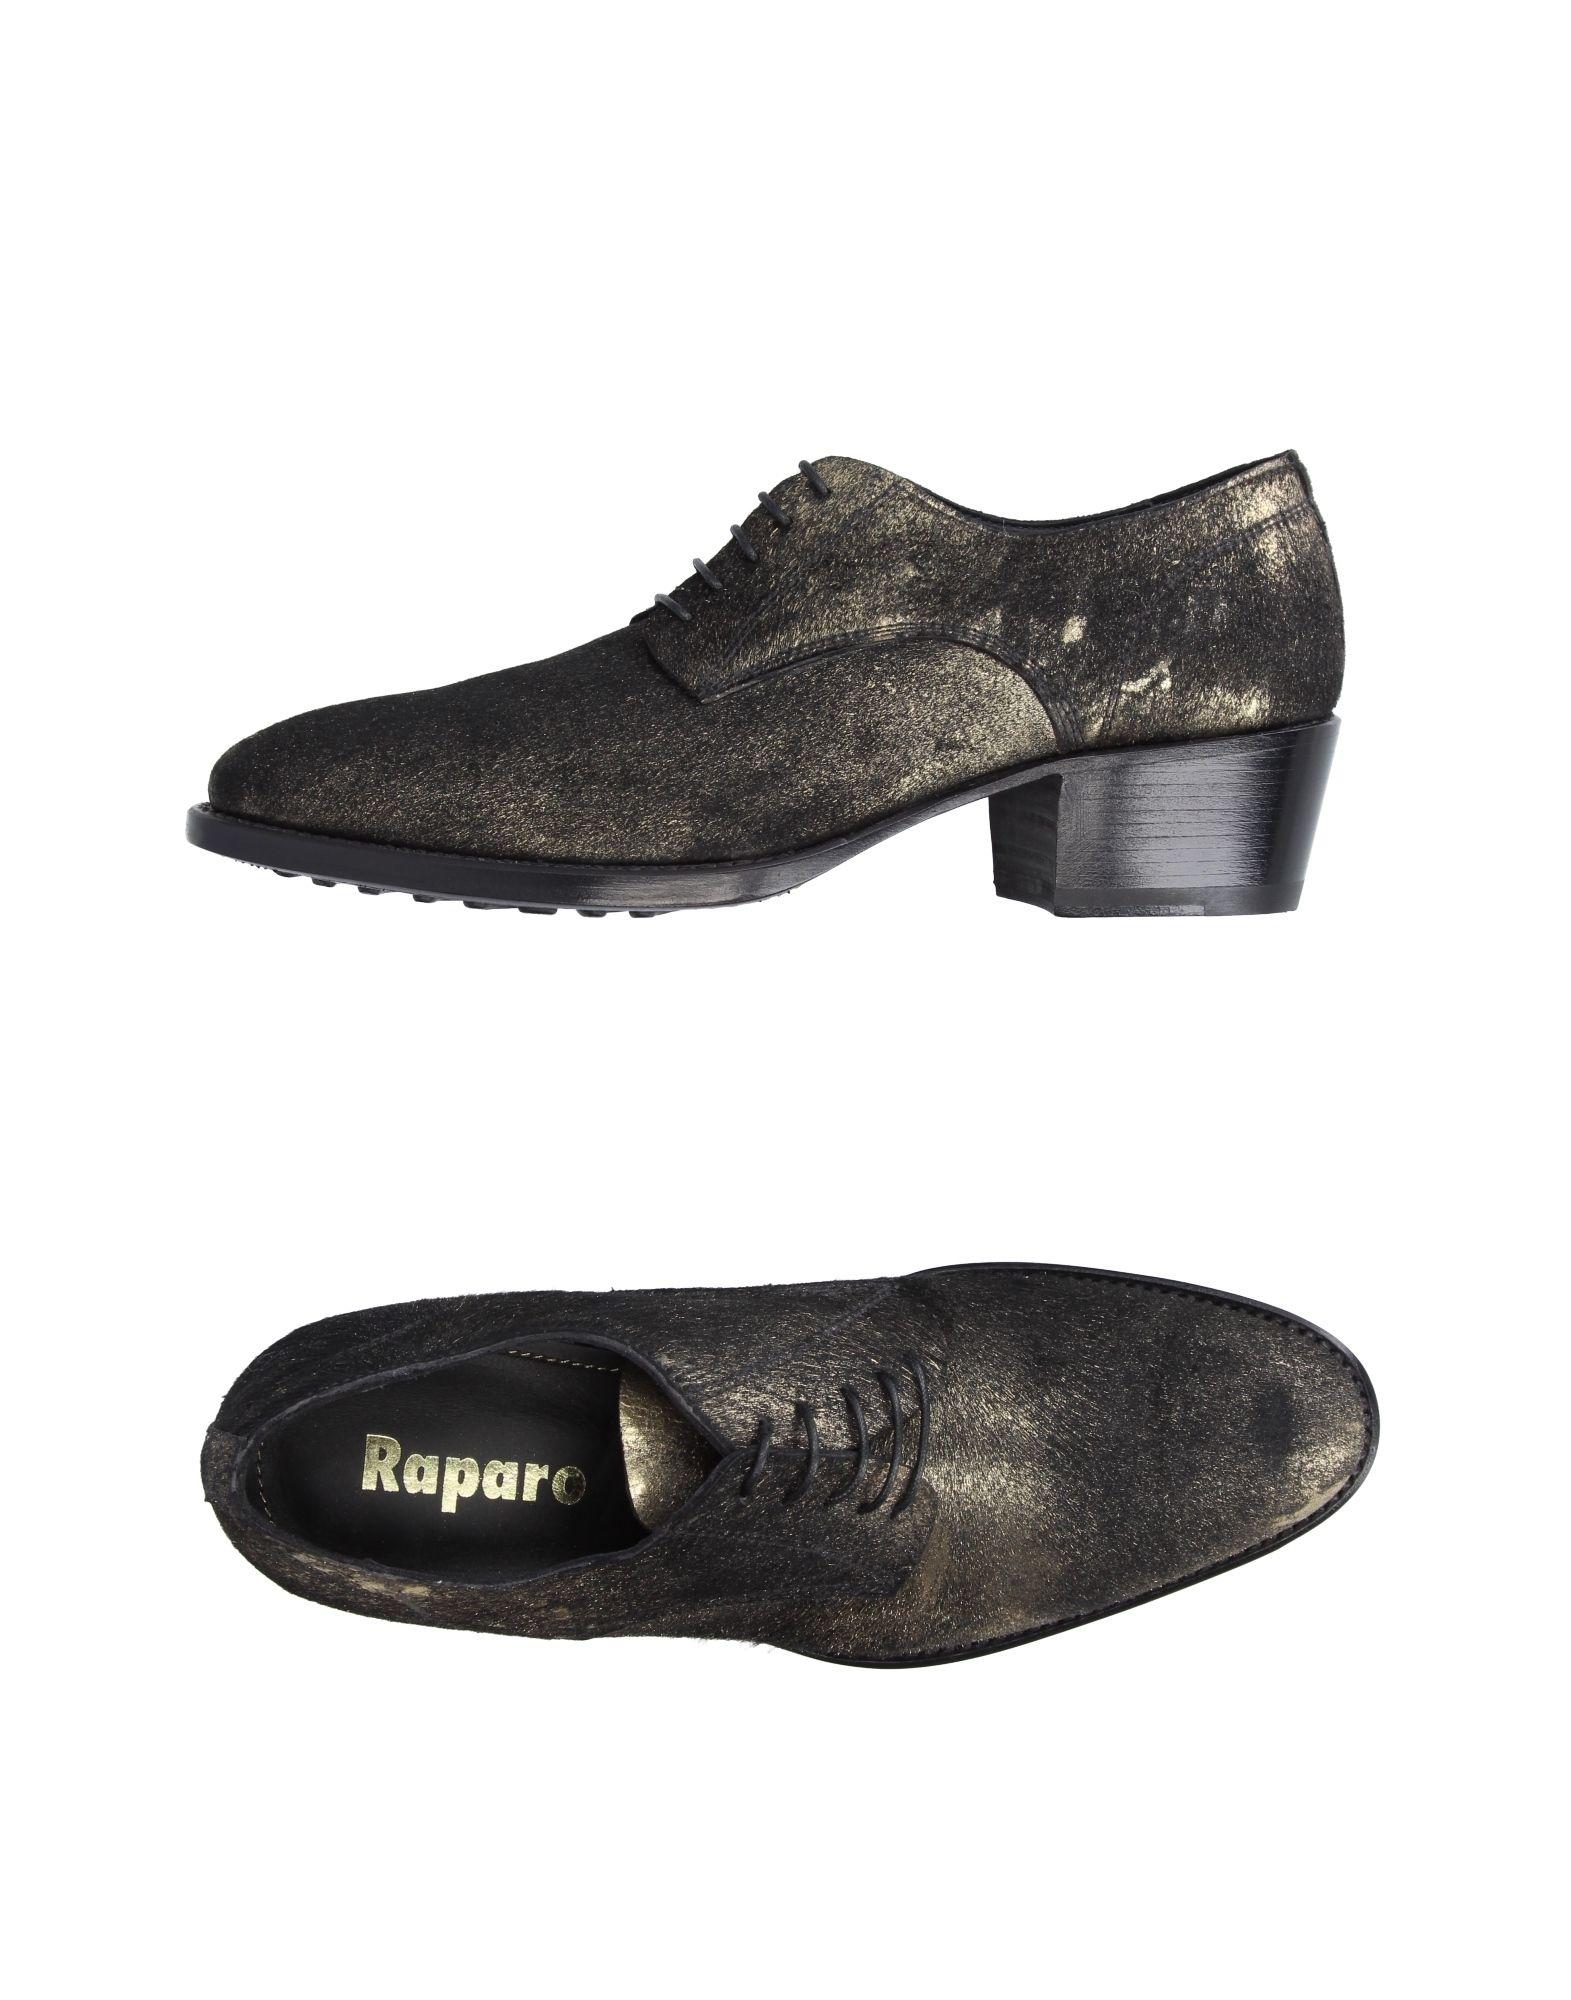 Raparo Schnürschuhe Damen  11215360GX Gute Qualität beliebte Schuhe